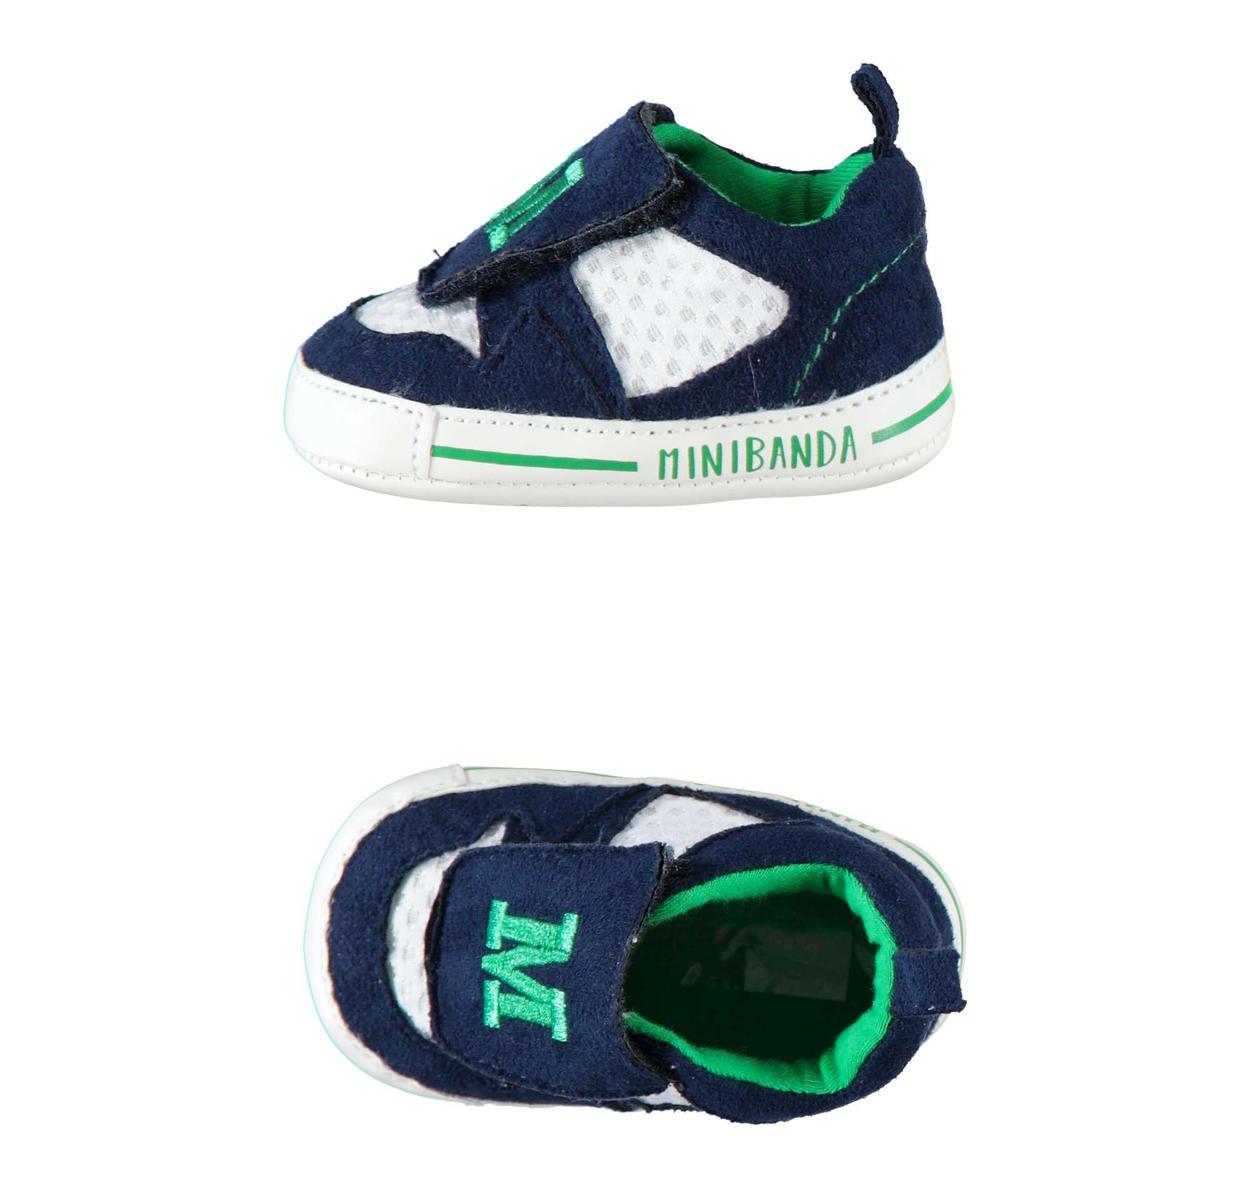 economico per lo sconto 92d37 4fdc7 Comode e confortevoli scarpe per neonato da 0 a 24 mesi Minibanda